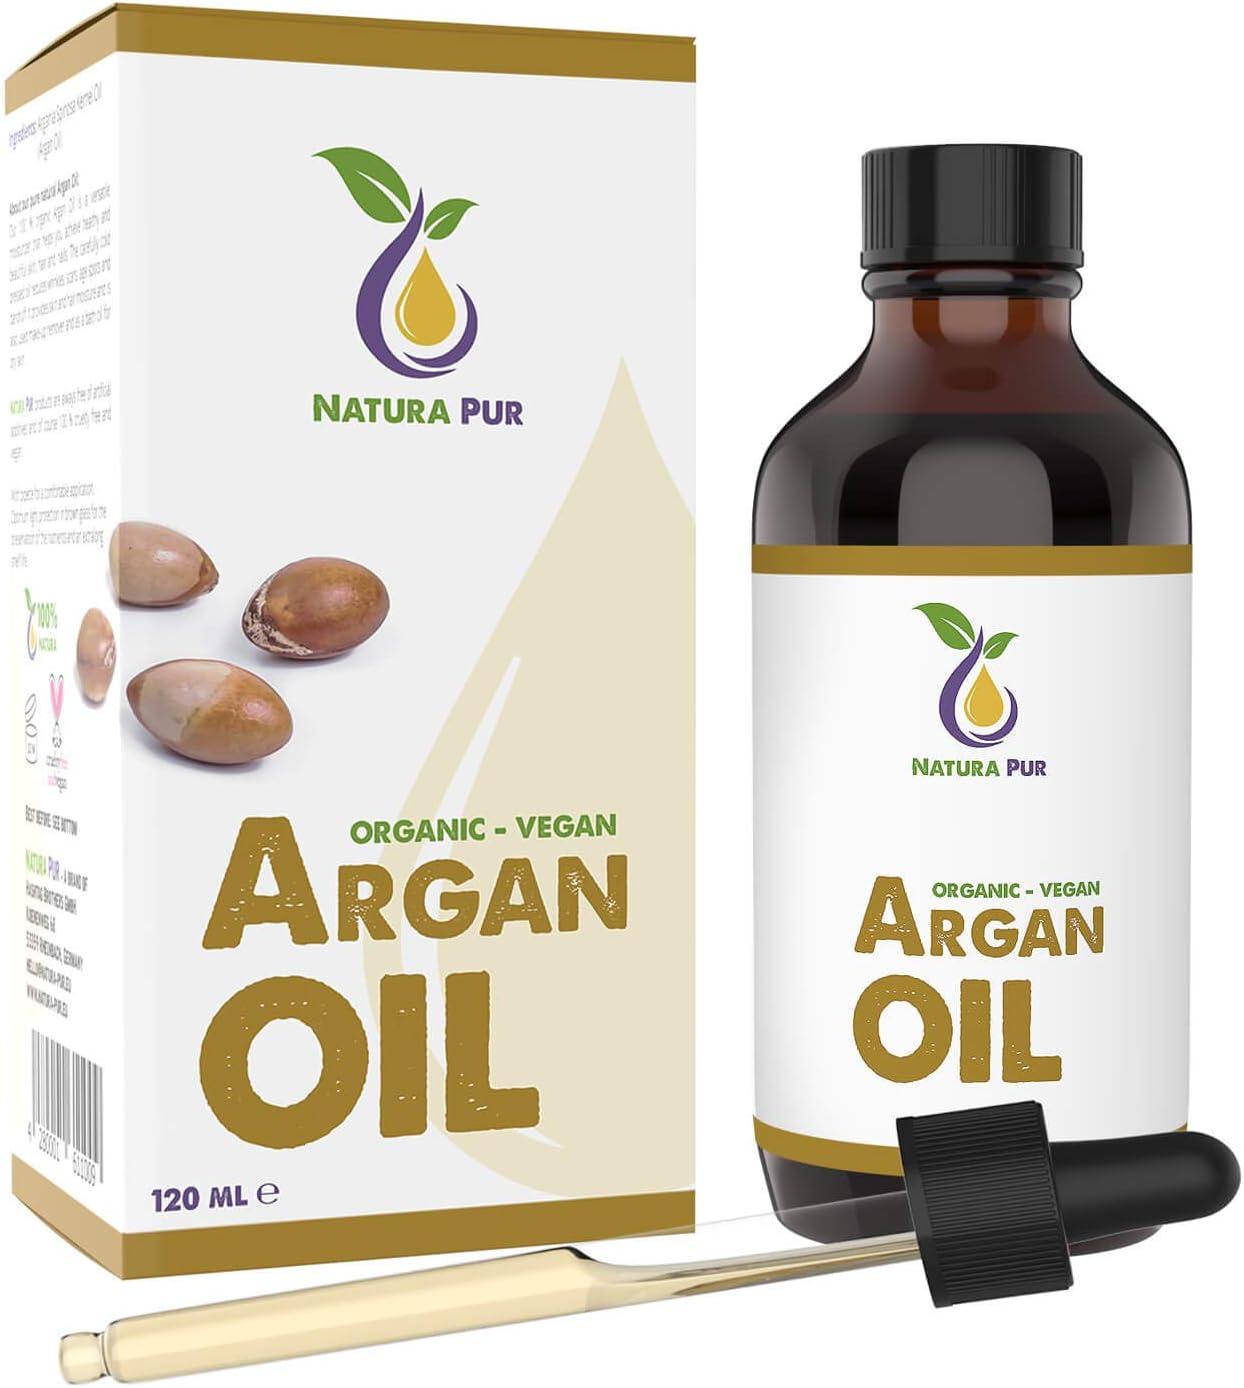 NATURA PUR Aceite de Argán Orgánico 120 ml - 100% Bio, Prensado en Frío, Vegano - de Marruecos - Sérum Antiedad, Antiarrugas para Cara, Cuerpo, Cabello, Pelo, Piel, Manos, Uñas